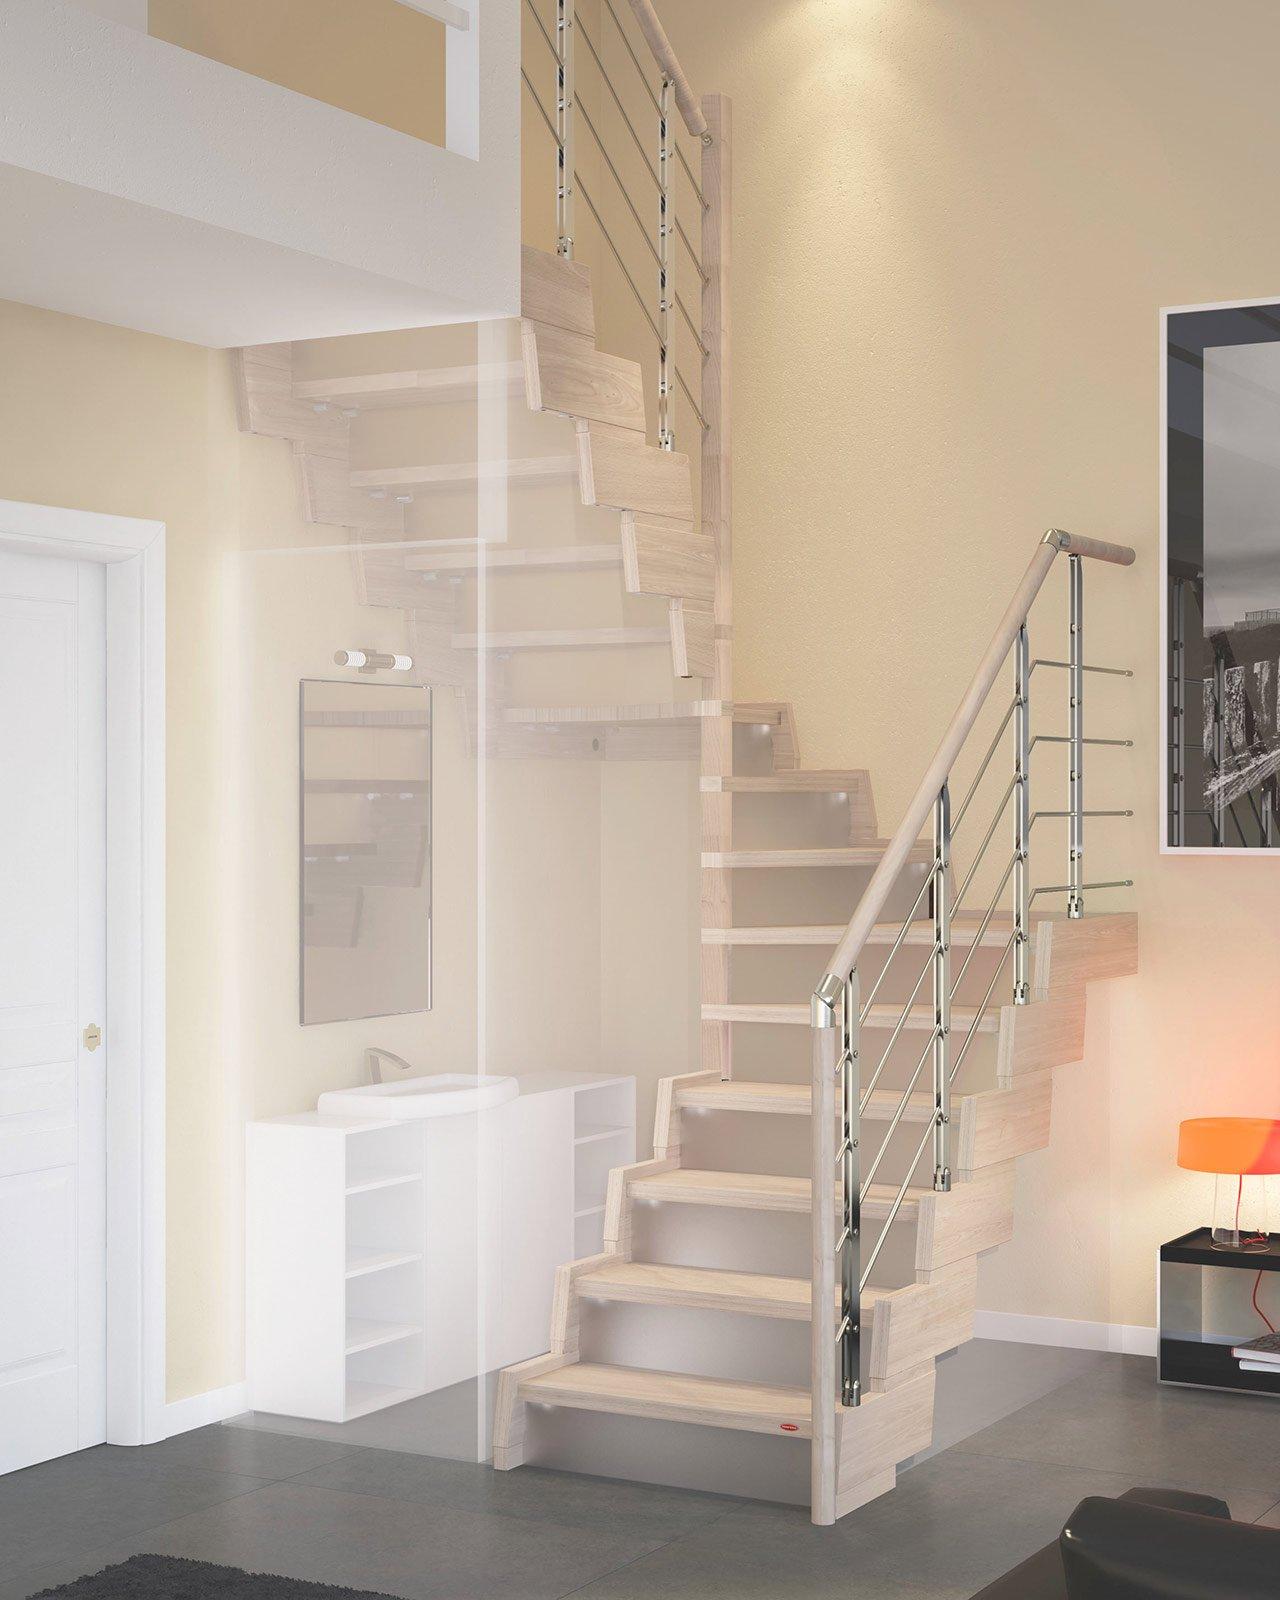 Ristrutturazione dalla porta alla scala soluzioni for Soluzioni salvaspazio casa